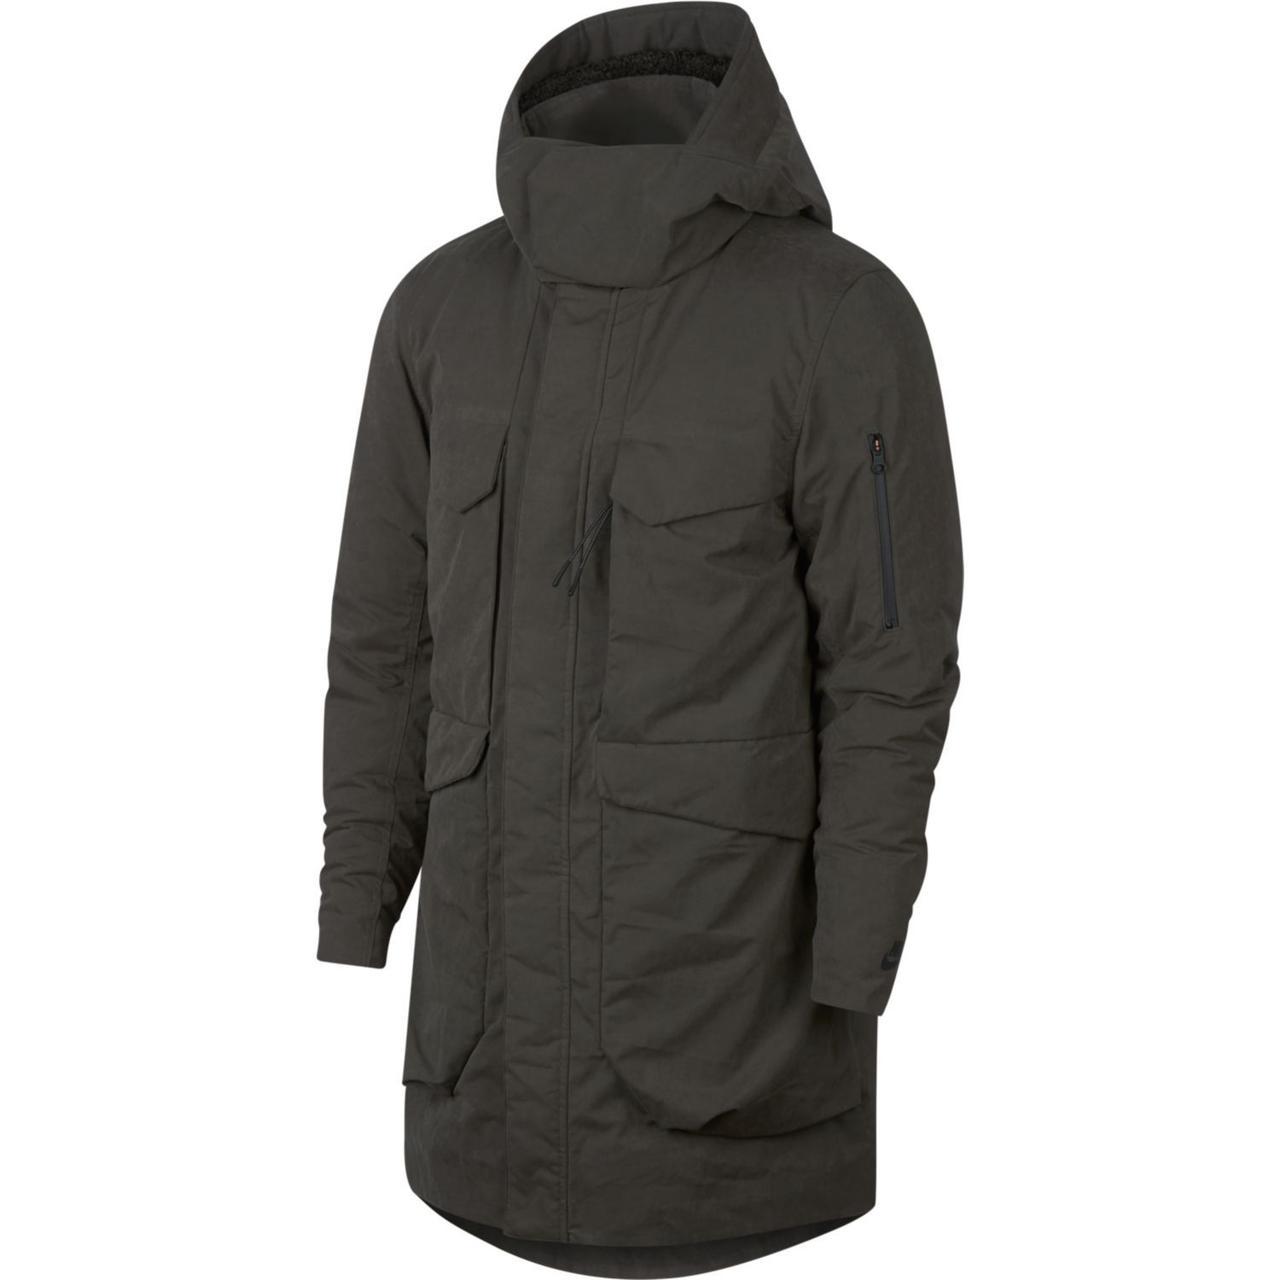 Куртки та жилетки M NSW TCH PCK DWN FILL PRKA(02-12-15-03) XL